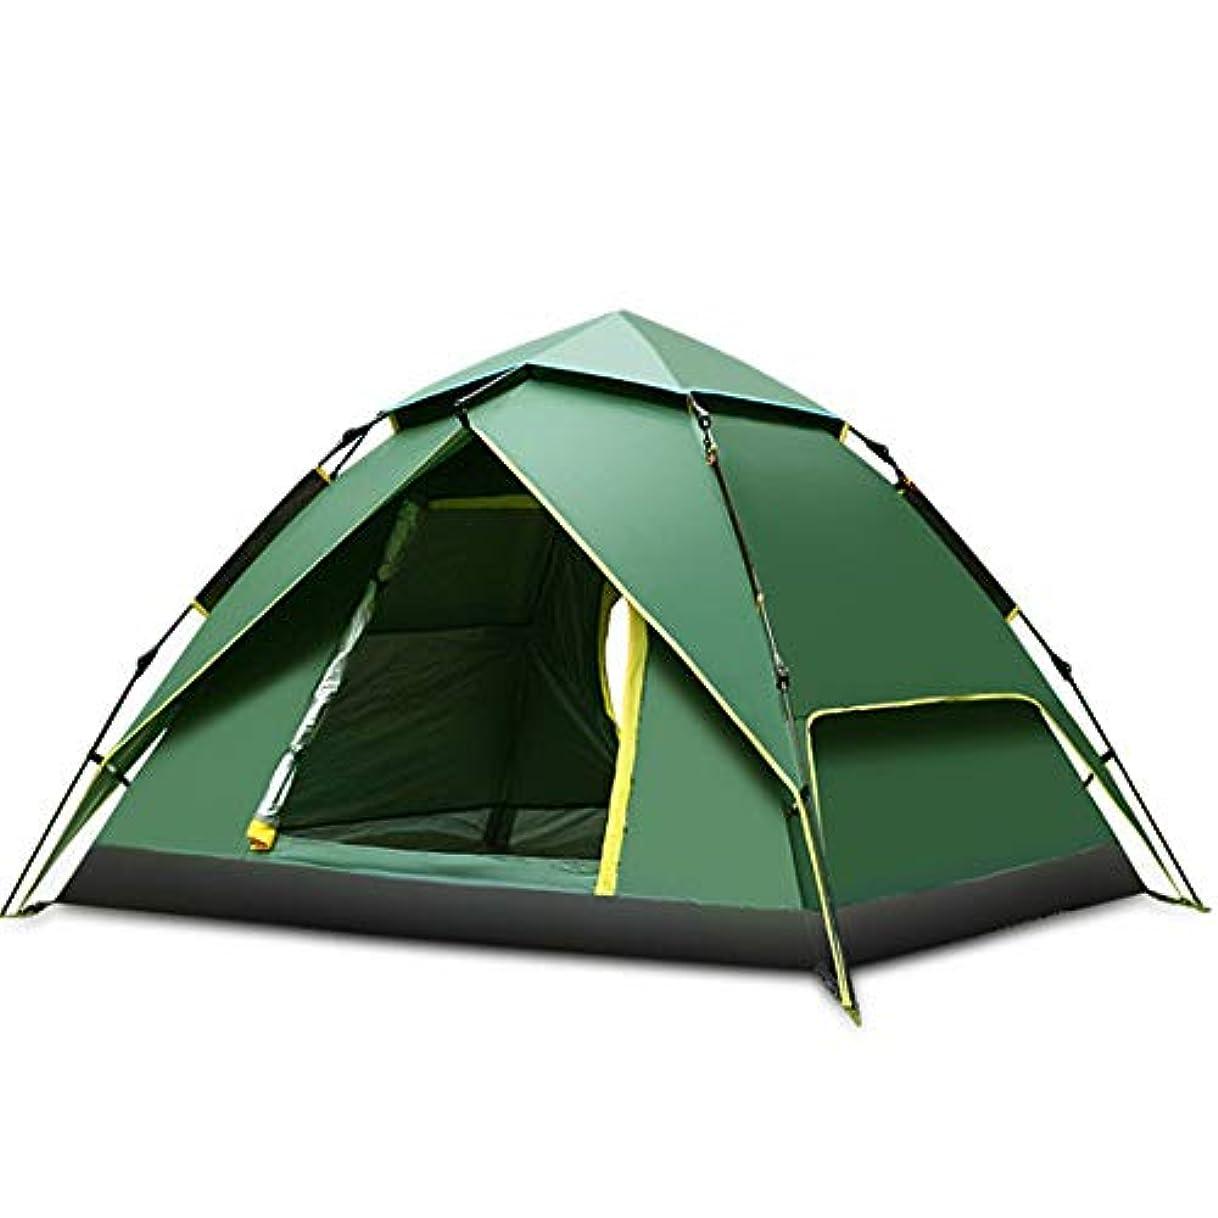 牧師努力するかすかなキャンプテント 耐久性のあるドームハイキングポータブル折りたたみ式の防水屋外のキャンプテントキャンプ 軽量で便利なテント (Color : Blue)